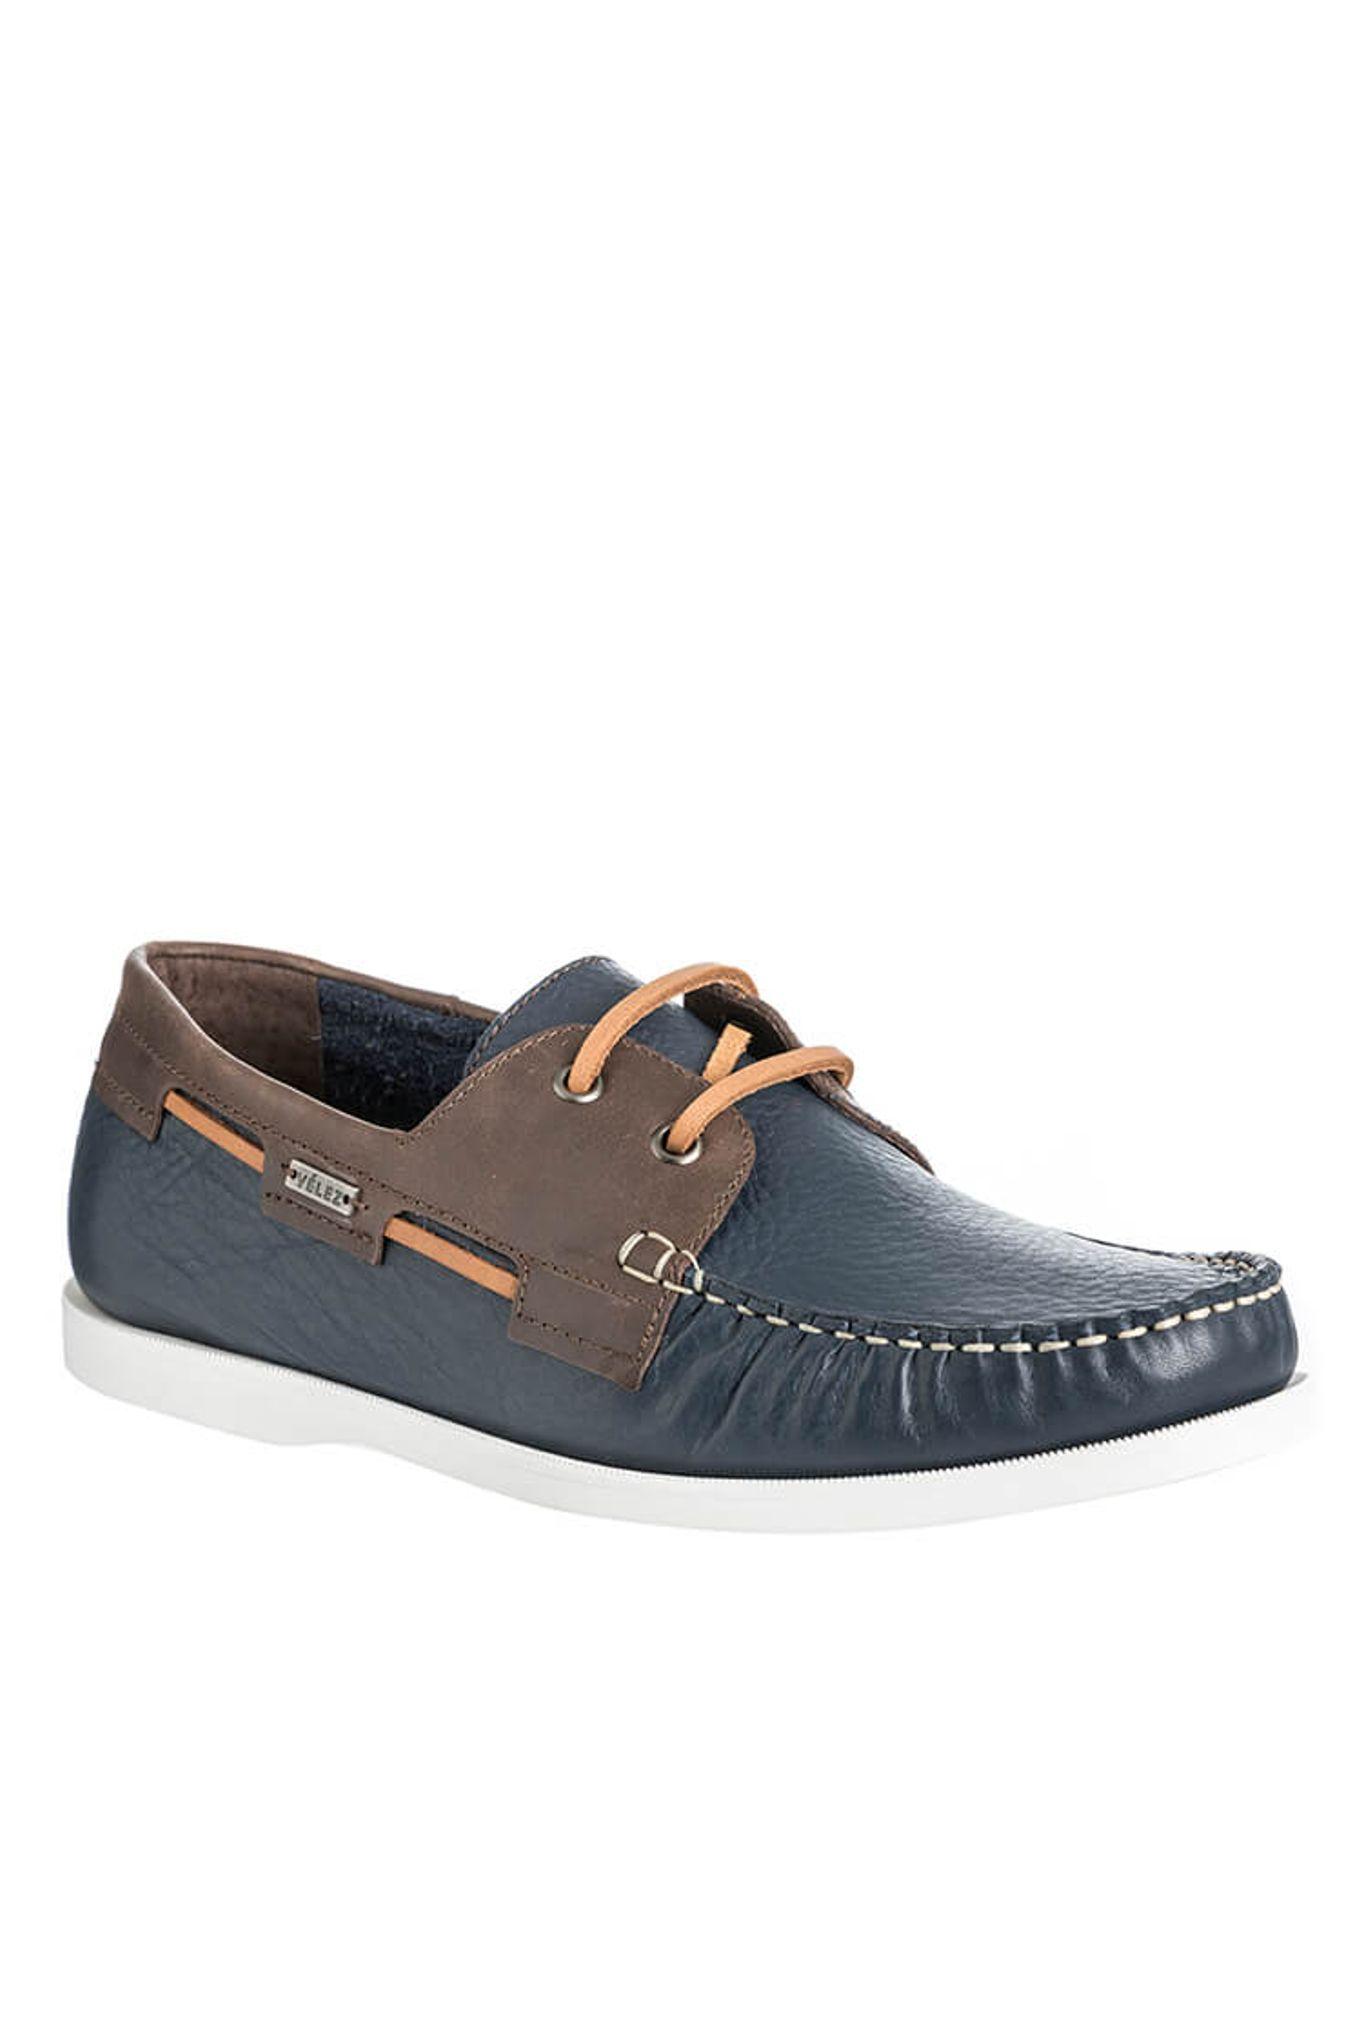 9e892483 Zapatos_con_cordon_de_cuero_para_hombre.  Zapatos_con_cordon_de_cuero_para_hombre;  Zapatos_con_cordon_de_cuero_para_hombre ...